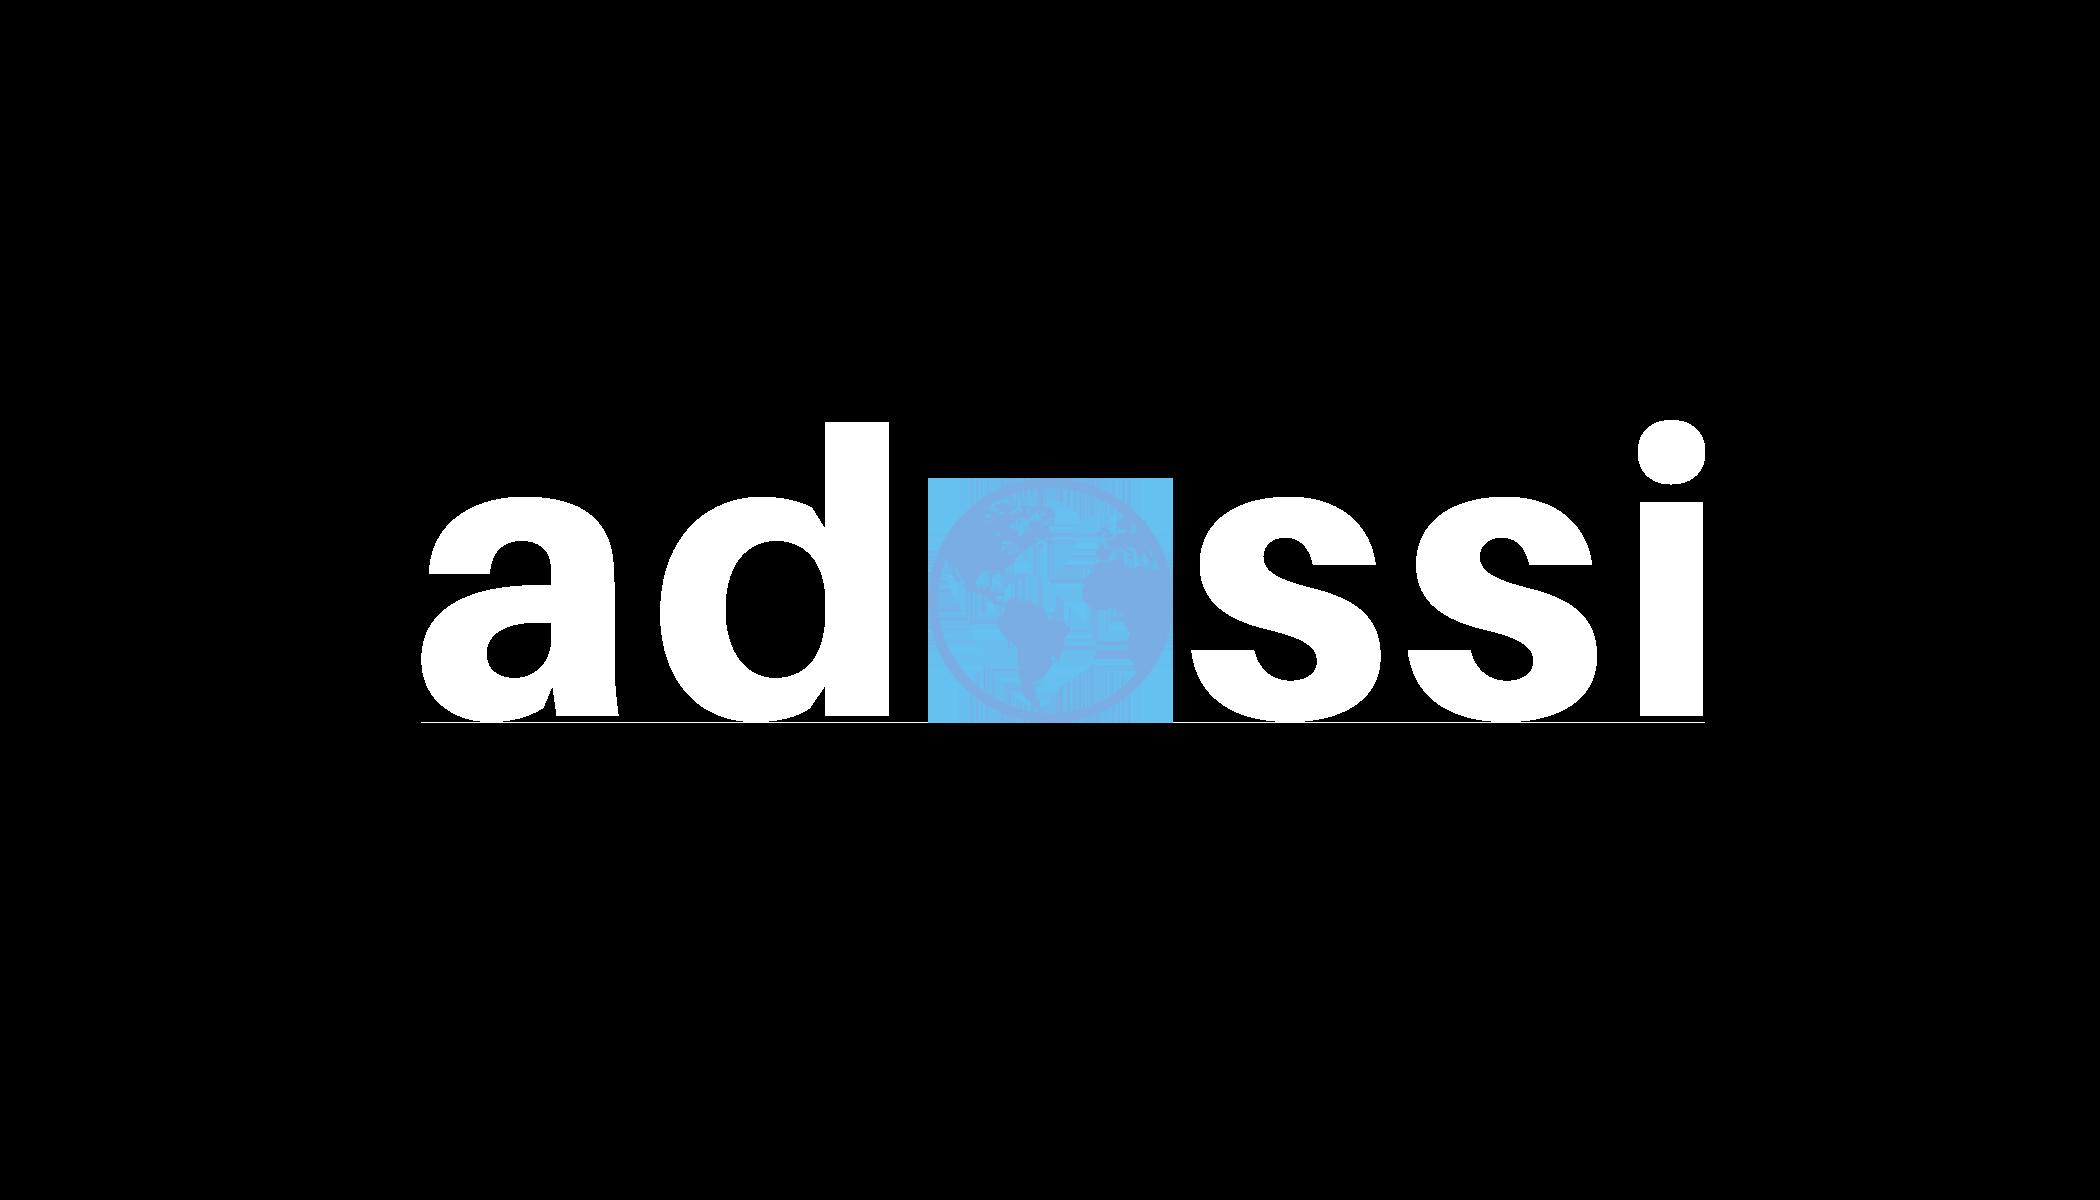 Adossi Logo